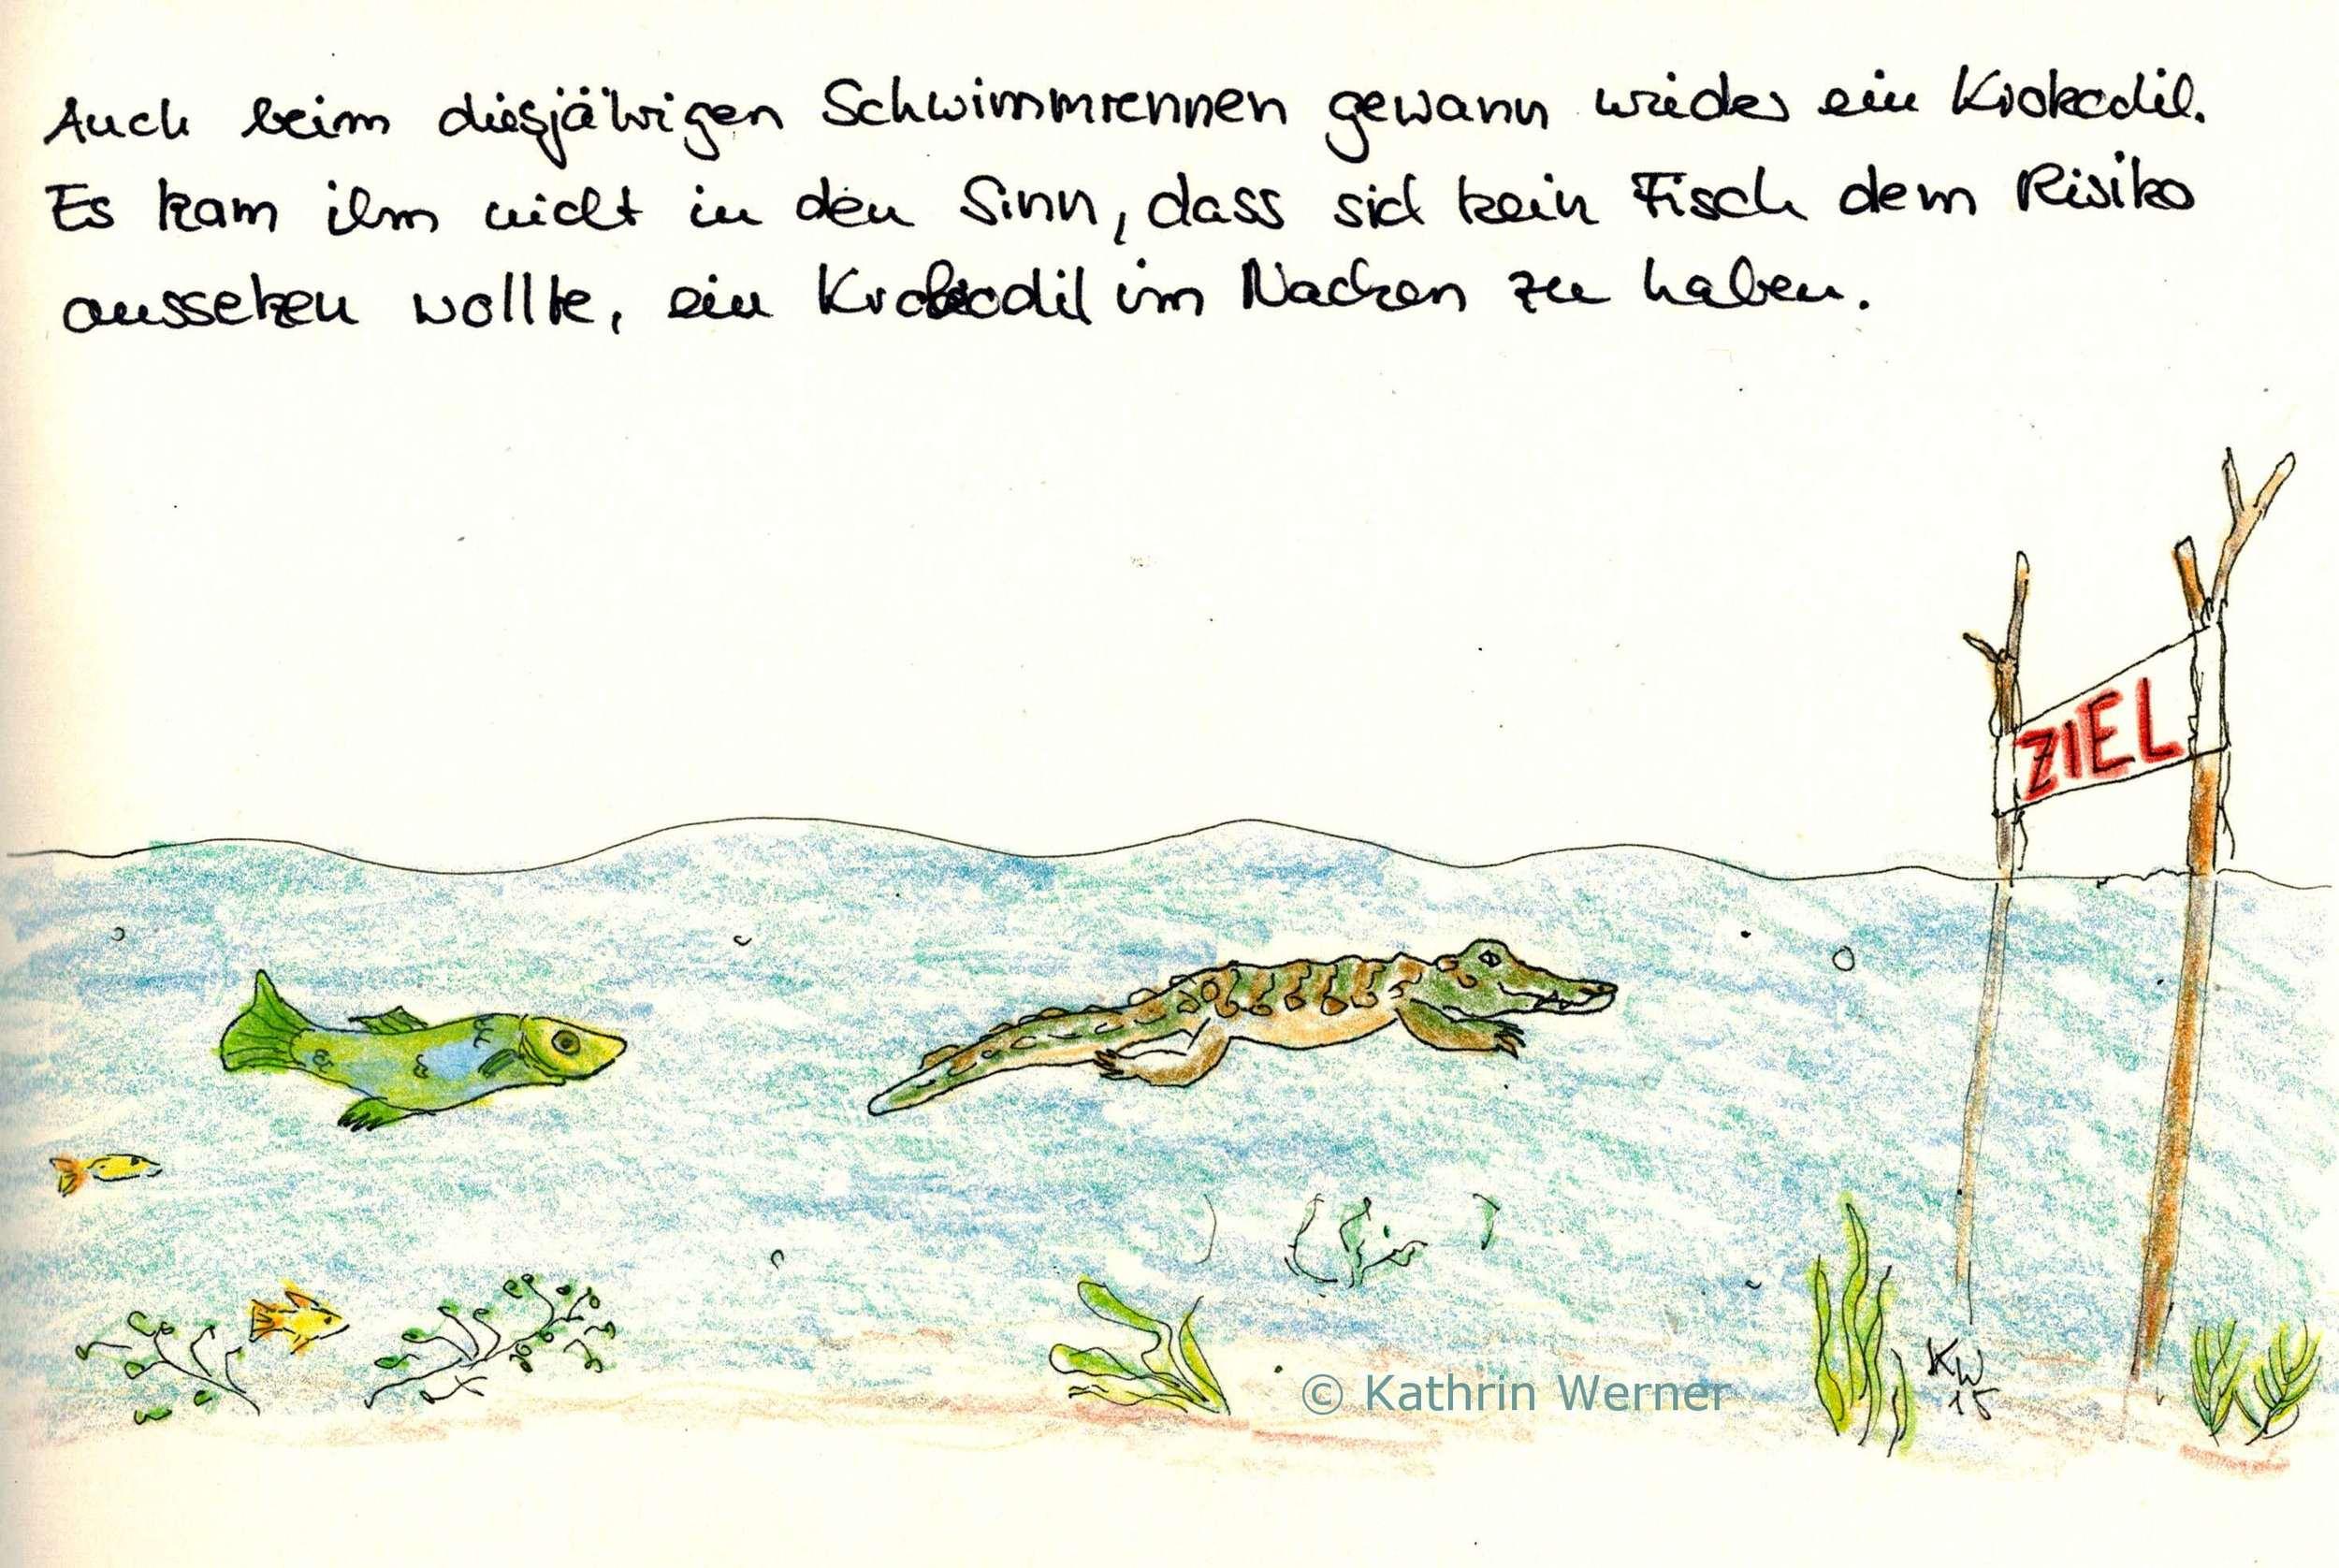 Wettrennen_krokodil_wz